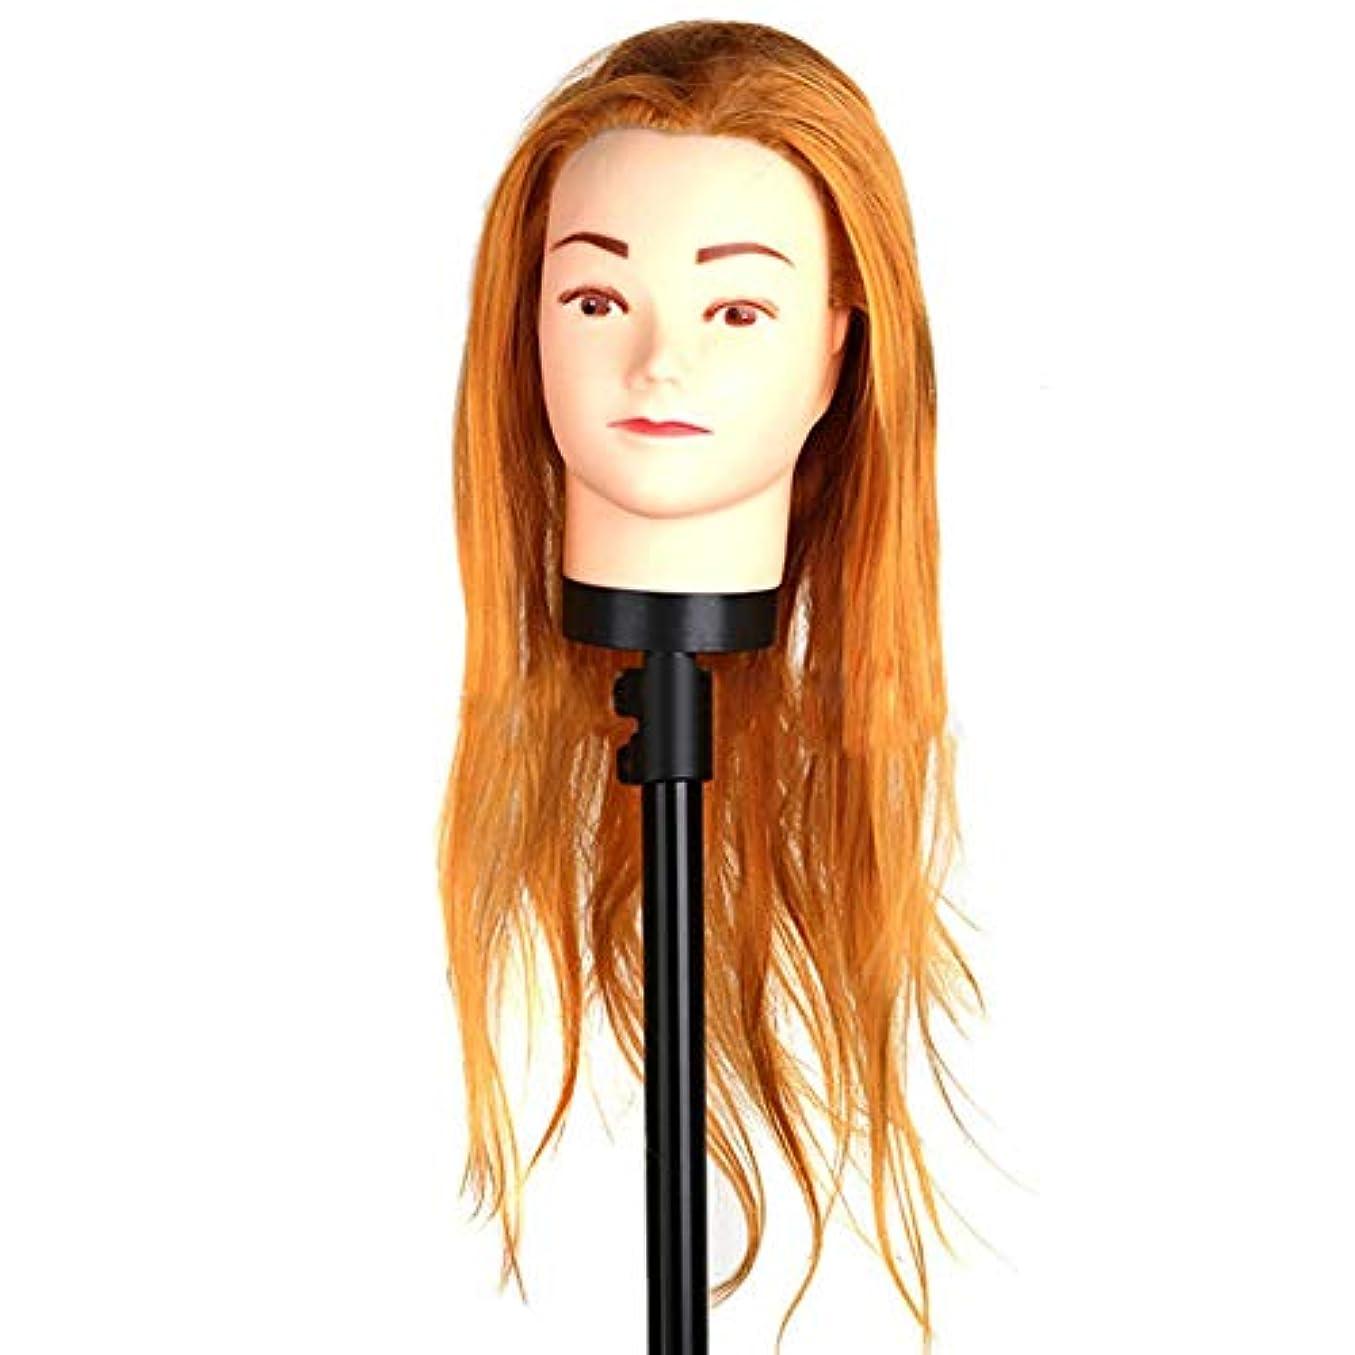 グローブ犯人マンハッタン高温繊維かつらヘッドモールドメイクヘアスタイリングヘッドヘアーサロントレーニング学習ヘアカットデュアルユースダミー人間の頭